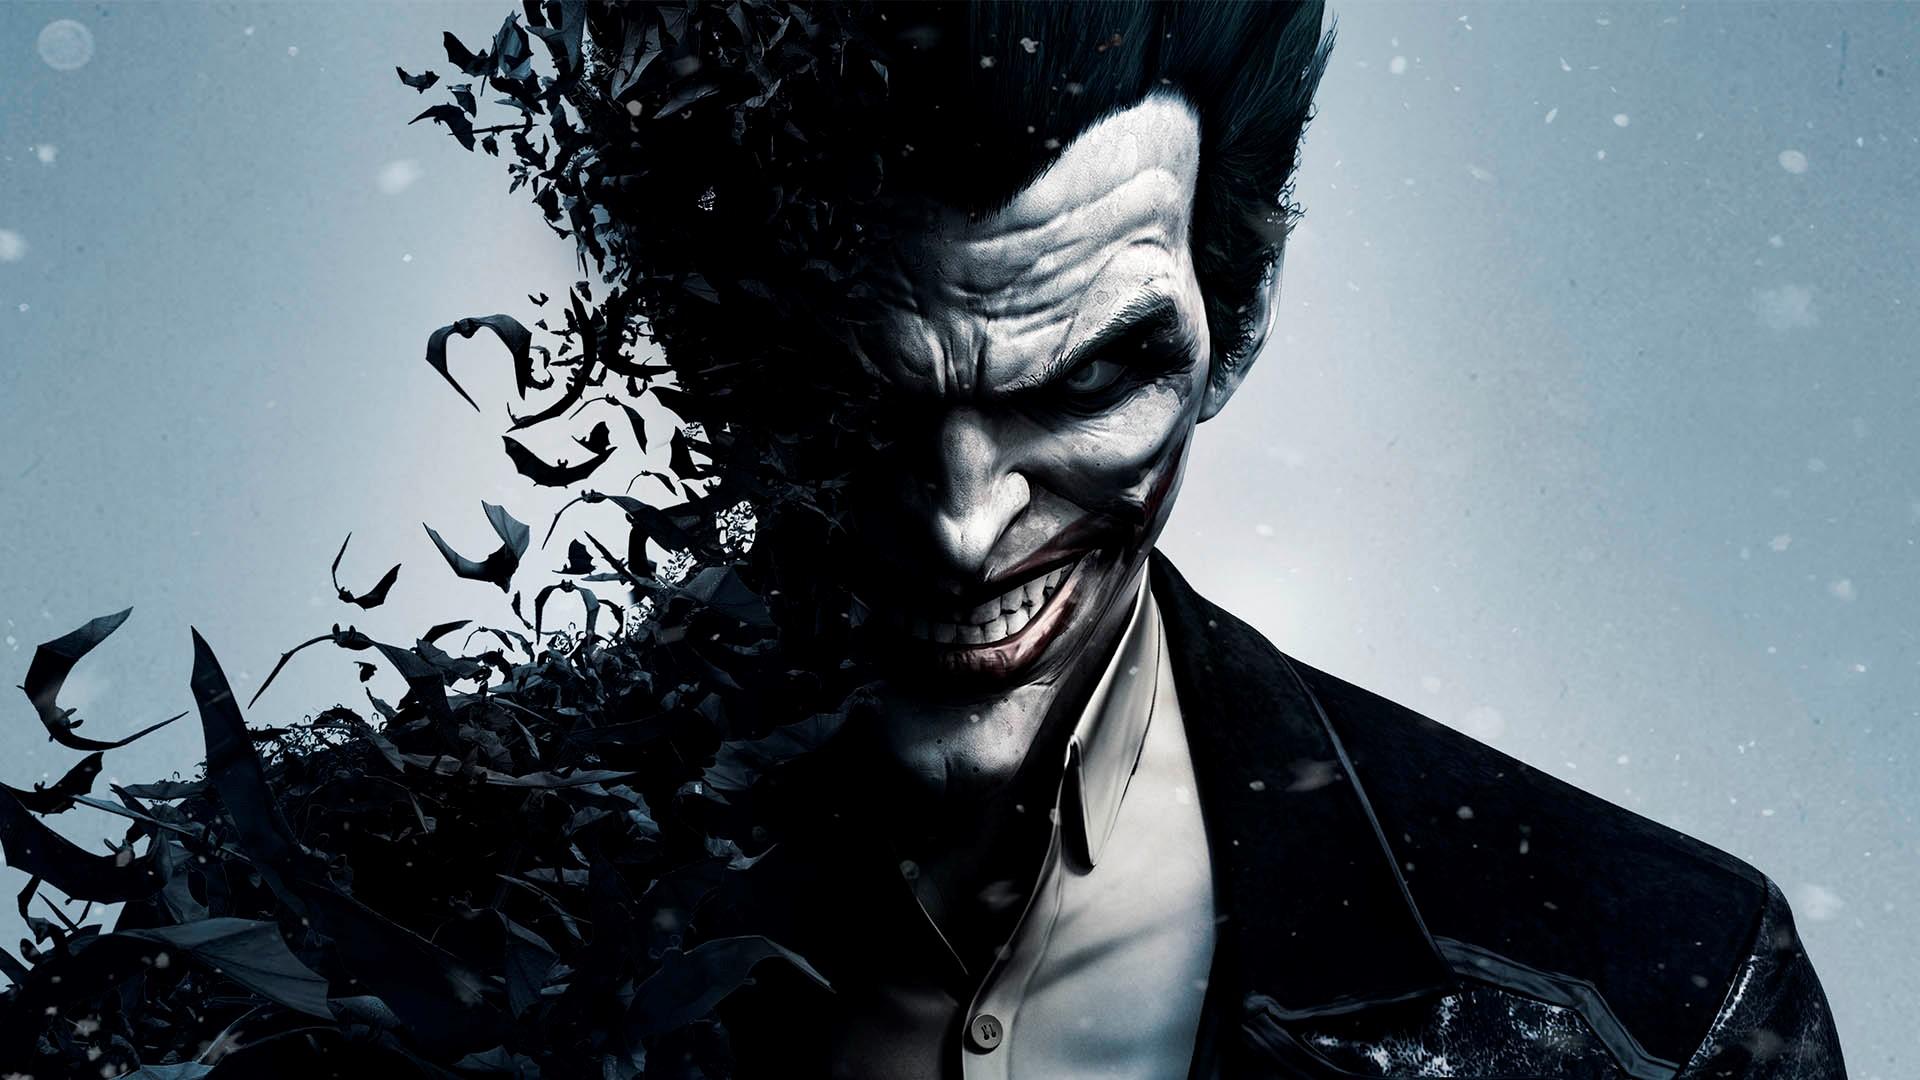 Joker ultra hd resim